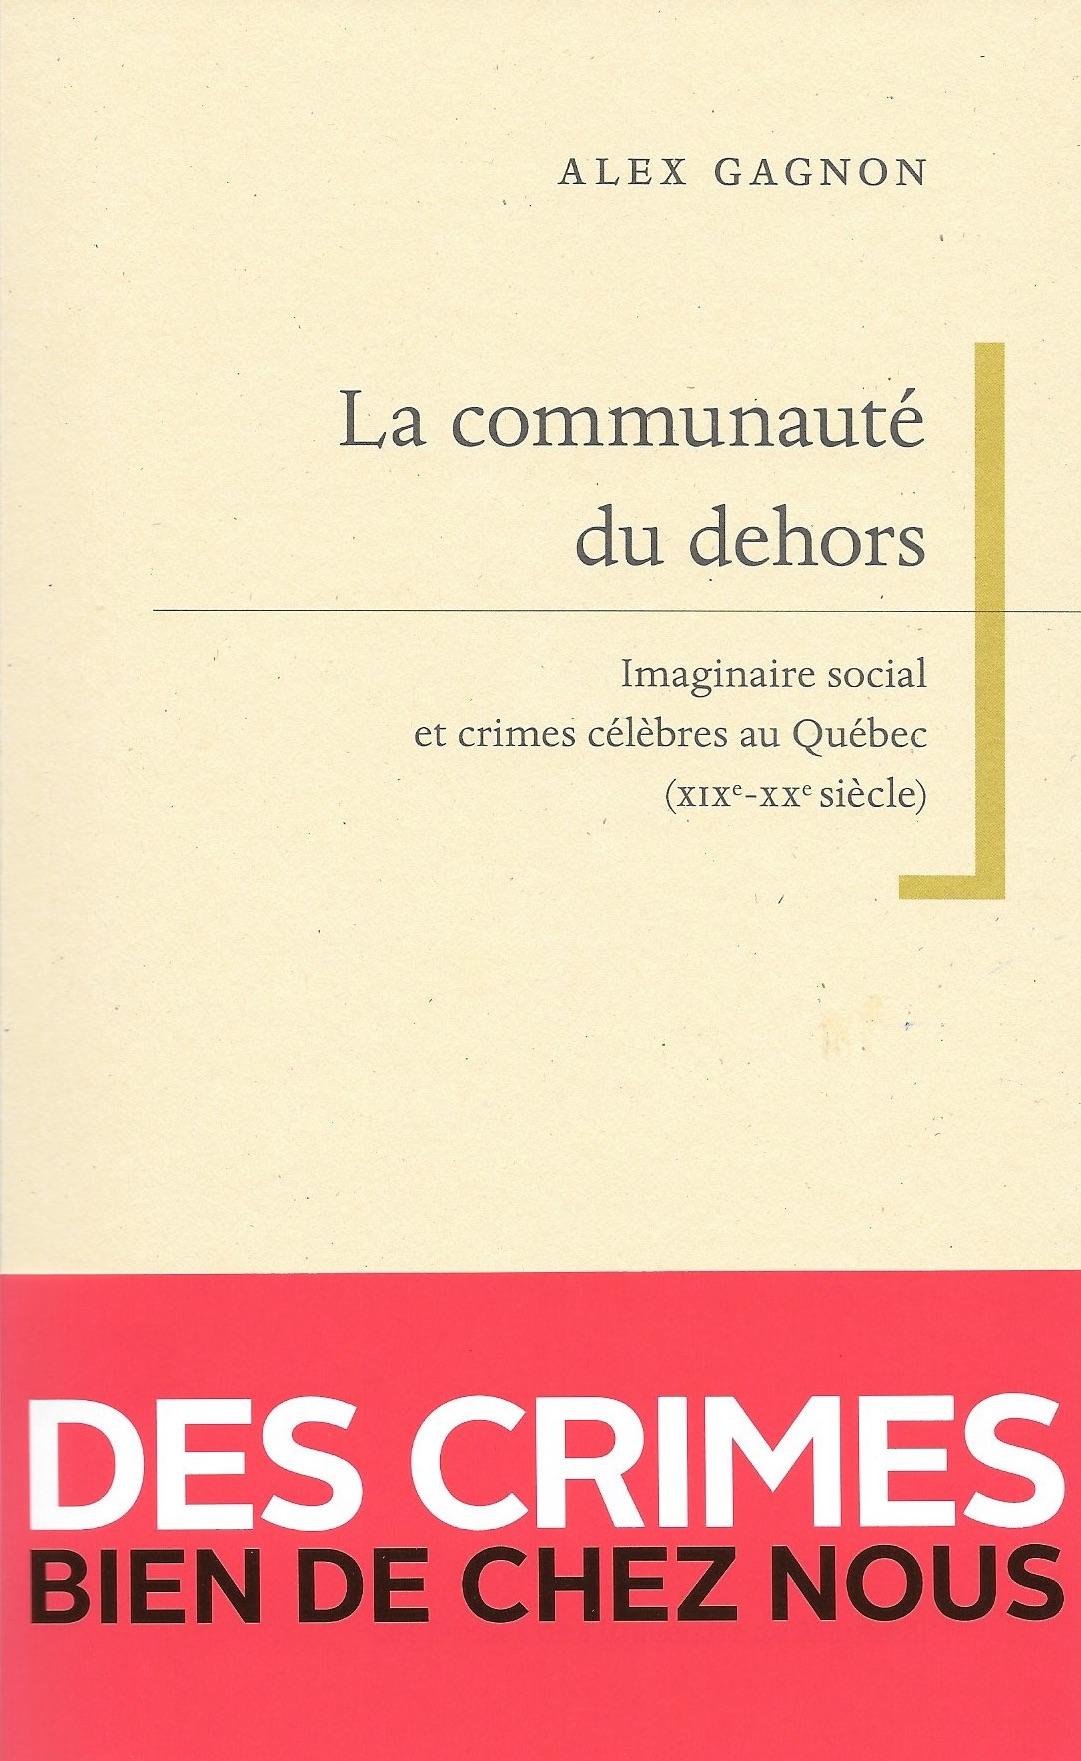 A. Gagnon, La communauté du dehors. Imaginaire social et crimes célèbres au Québec (XIXe-XXe s.)